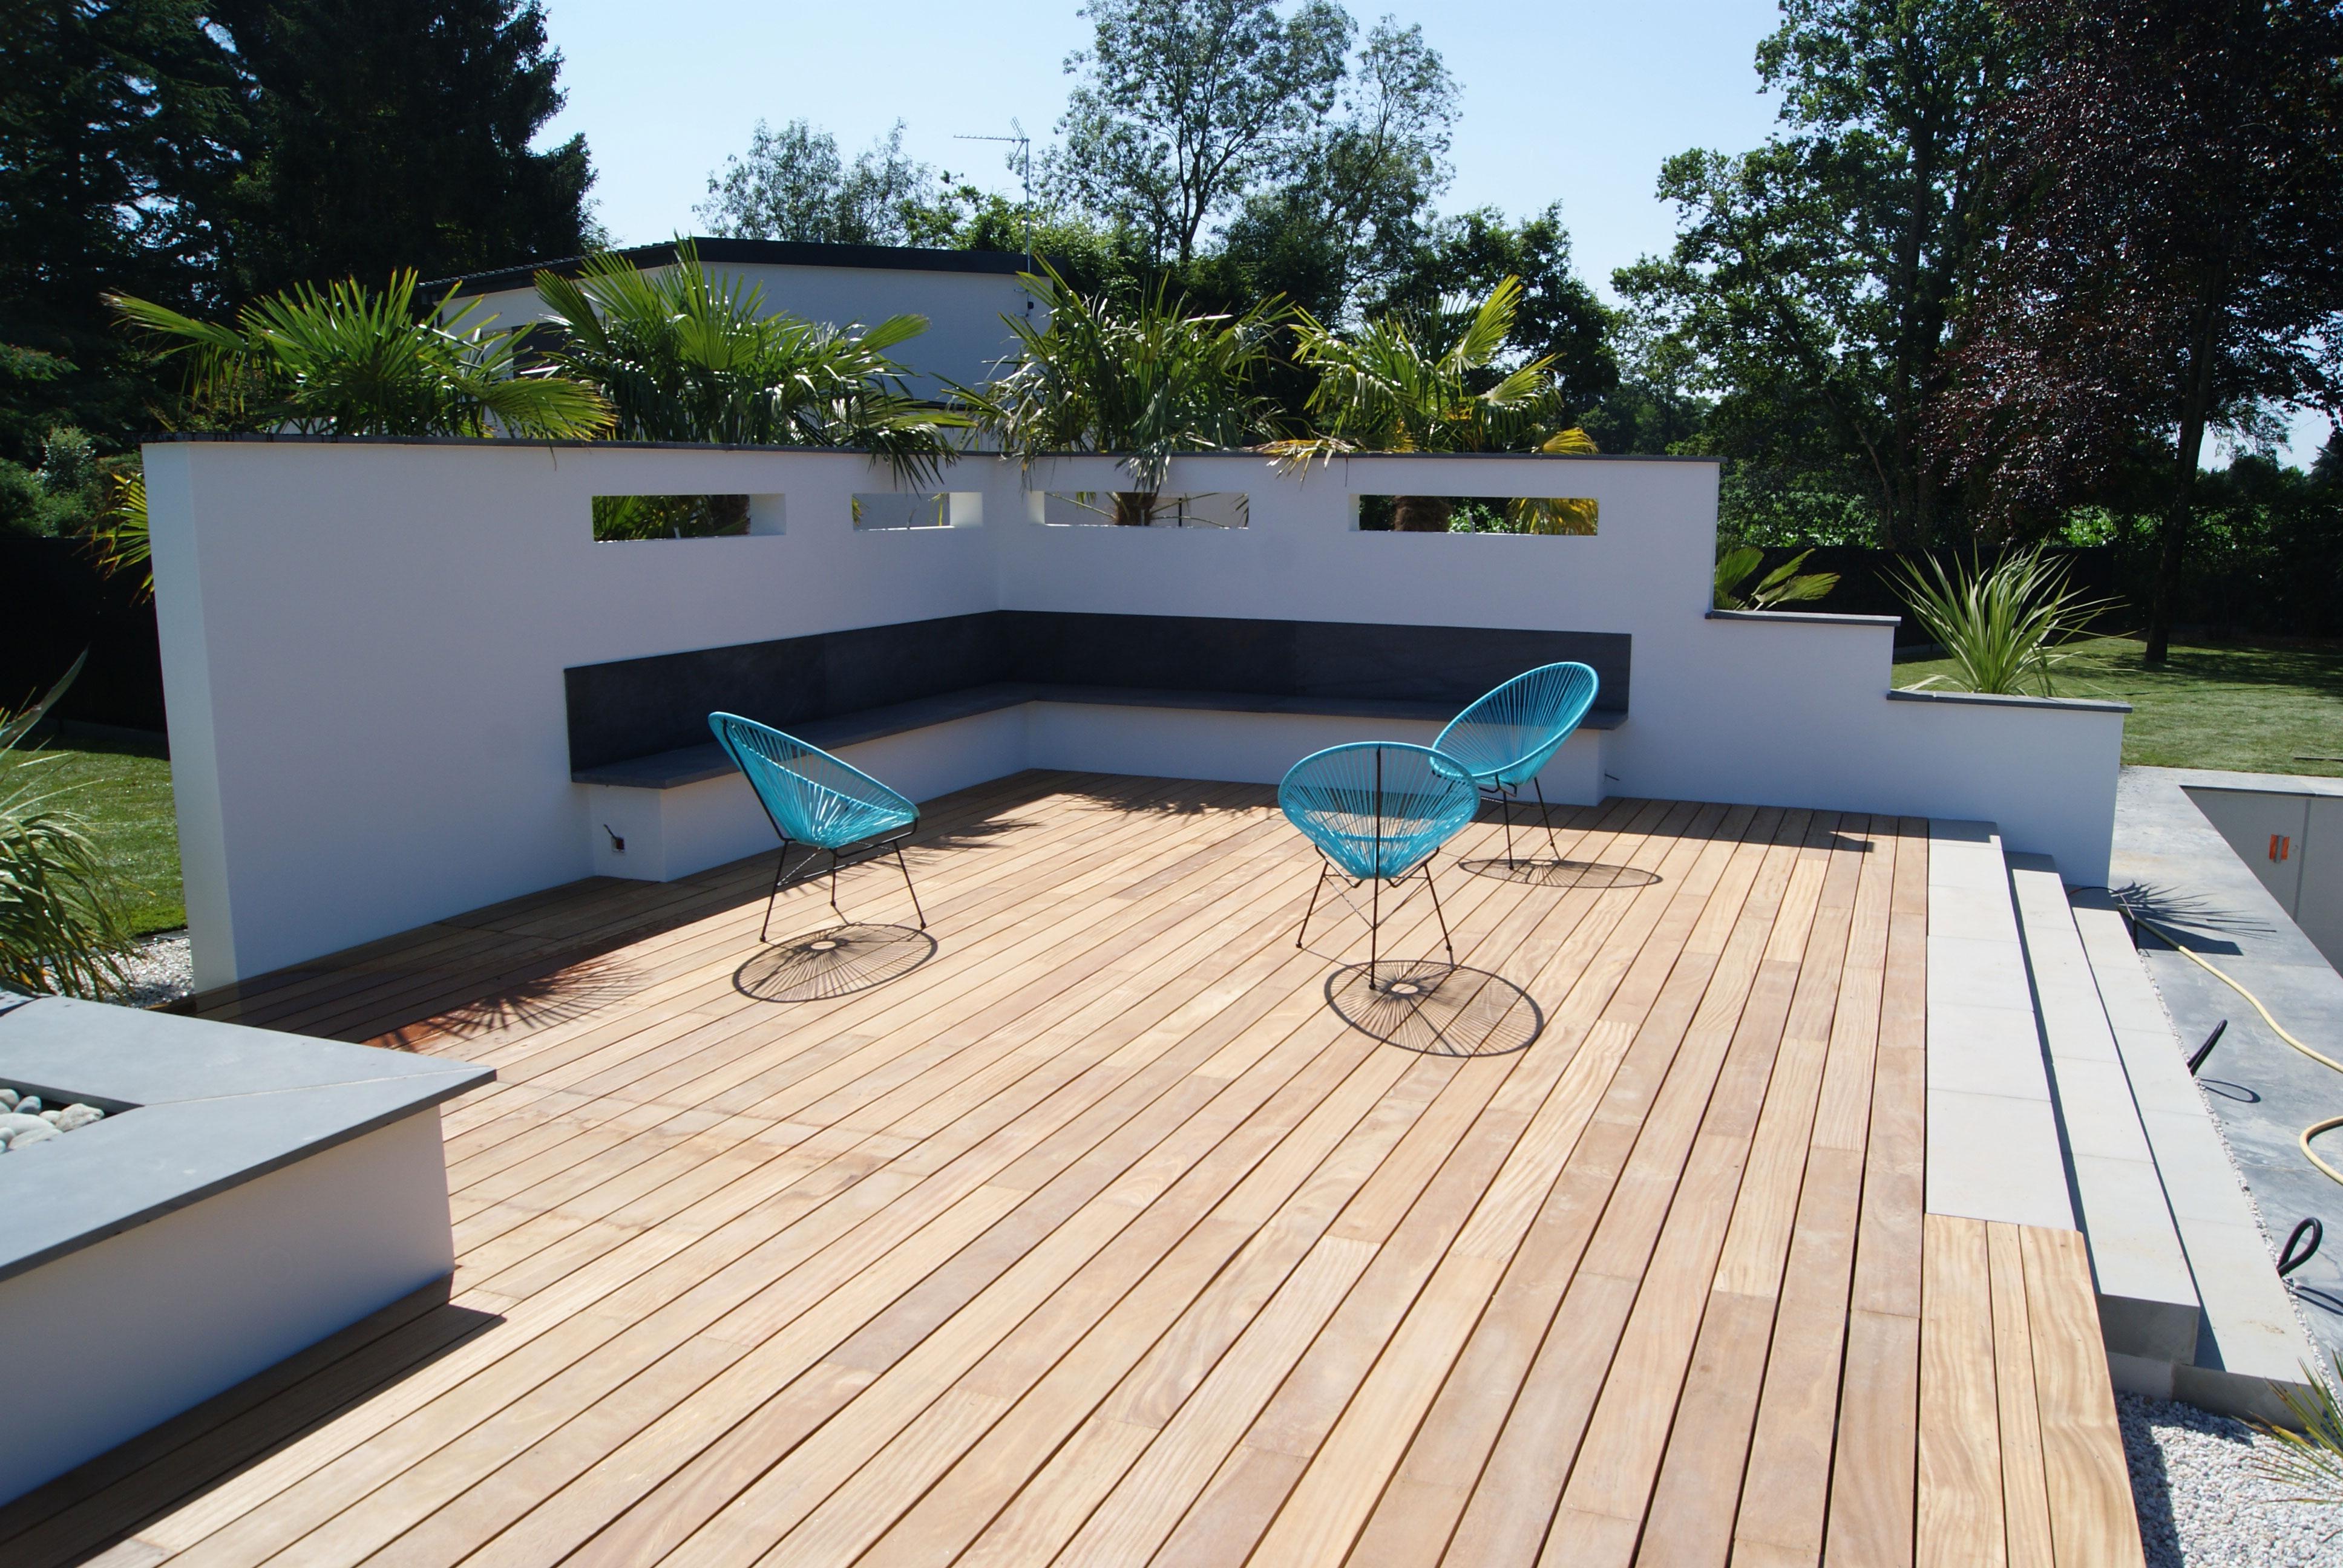 Solarium. Terrasse bois exotique. mur- meurtrière banc ardoise.. Jardins des 4 Saisons. Guer, Ploërmel, Redon, Plélan-Le-Grand, Maure de Bretagne